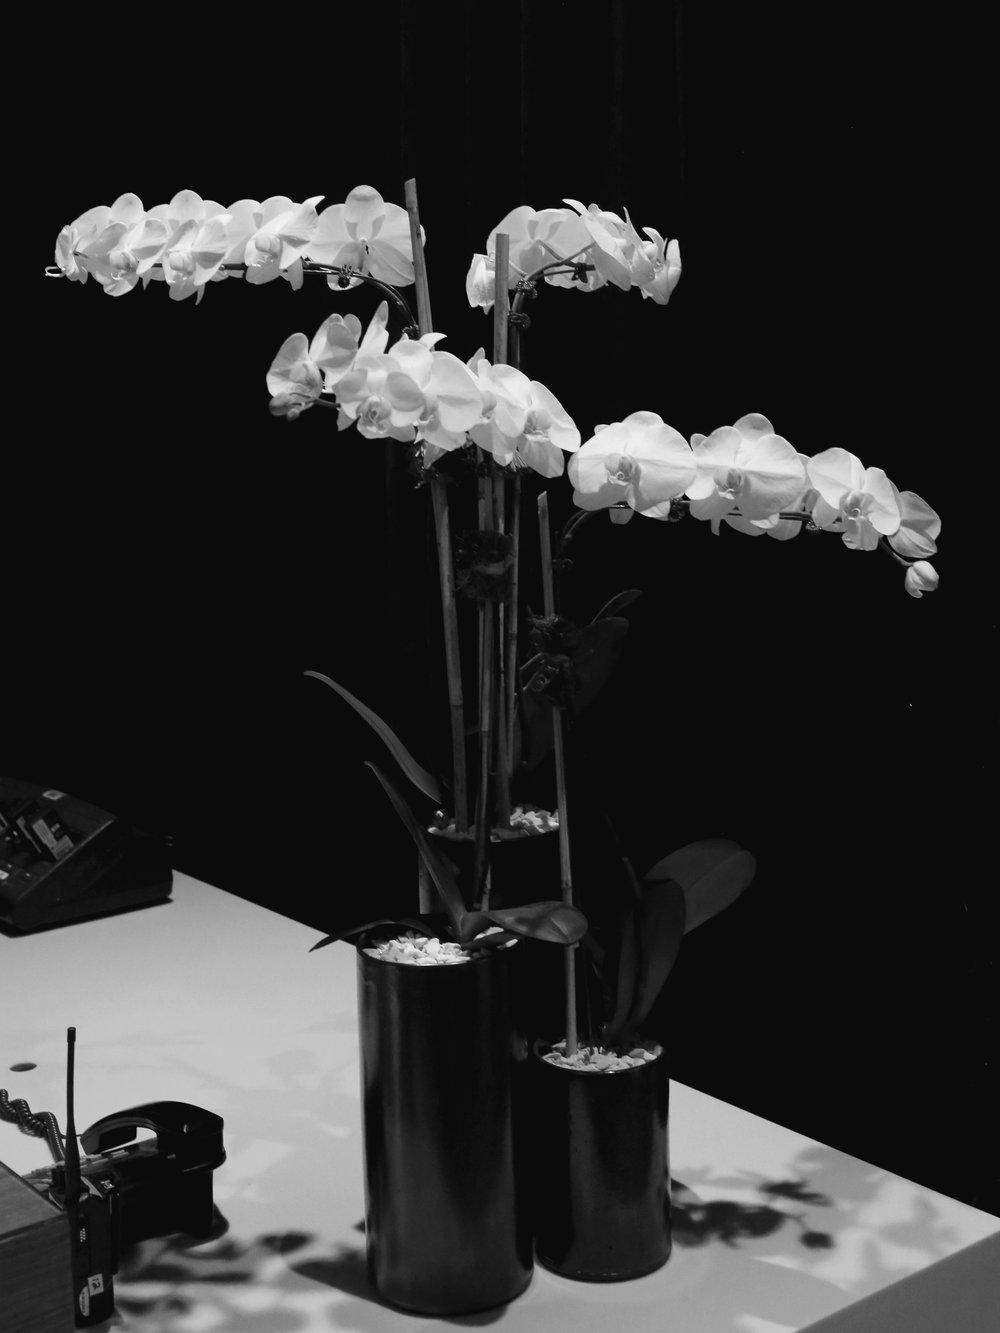 nyfwflowers.jpg